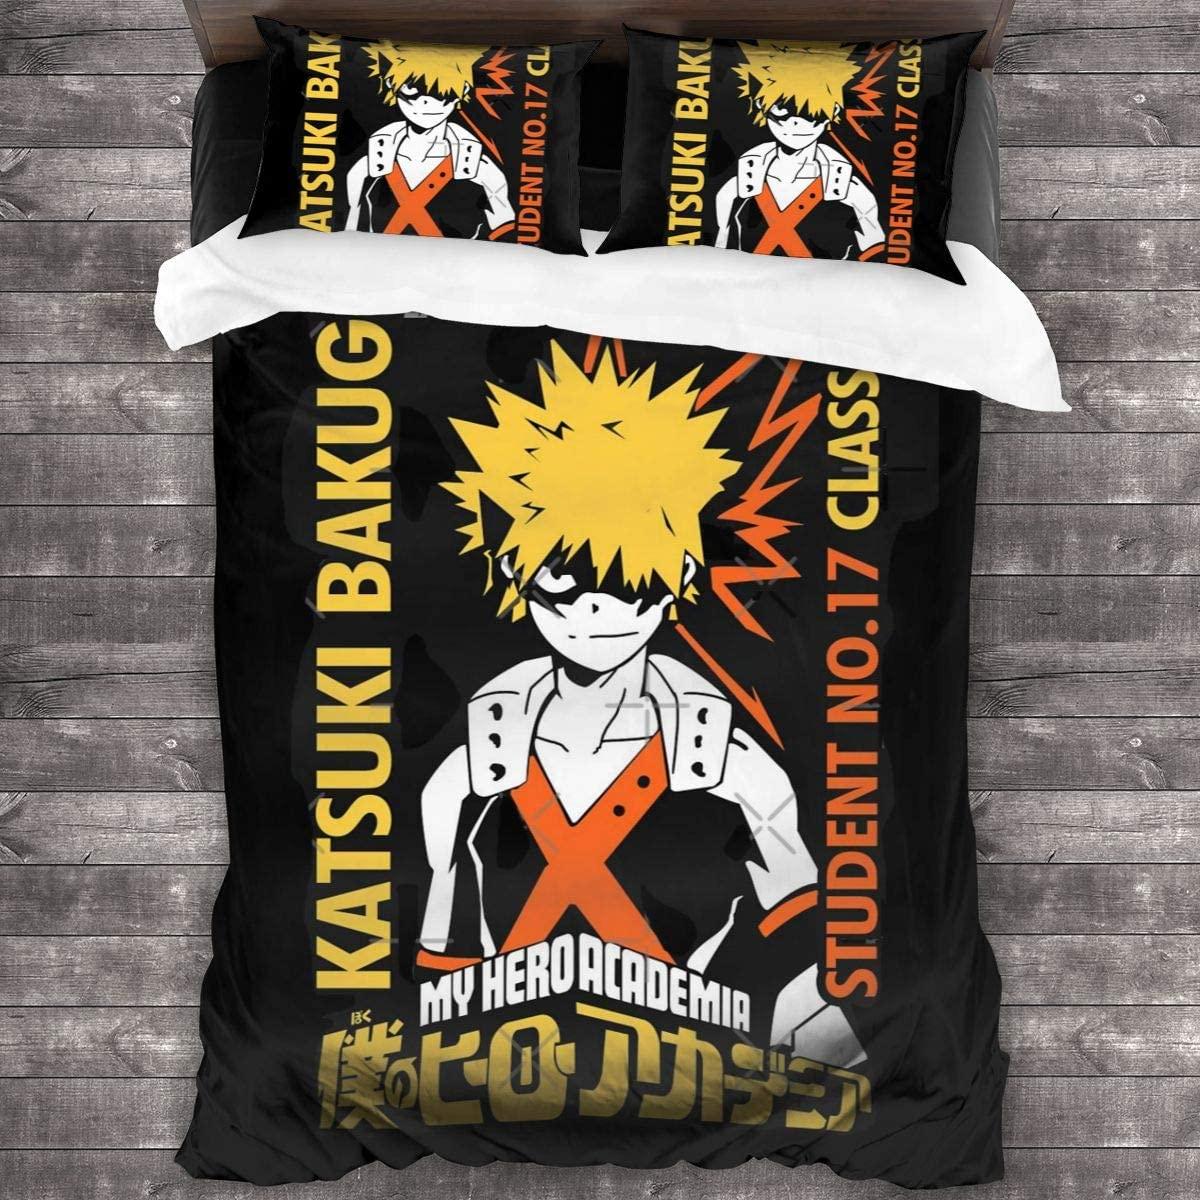 3 قطعة طباعة الفراش Katsuki Bakugo حاف مجموعة غطاء لينة (لا المعزي) هدية السرير (1 حاف الغطاء 2 وسادة شمس)